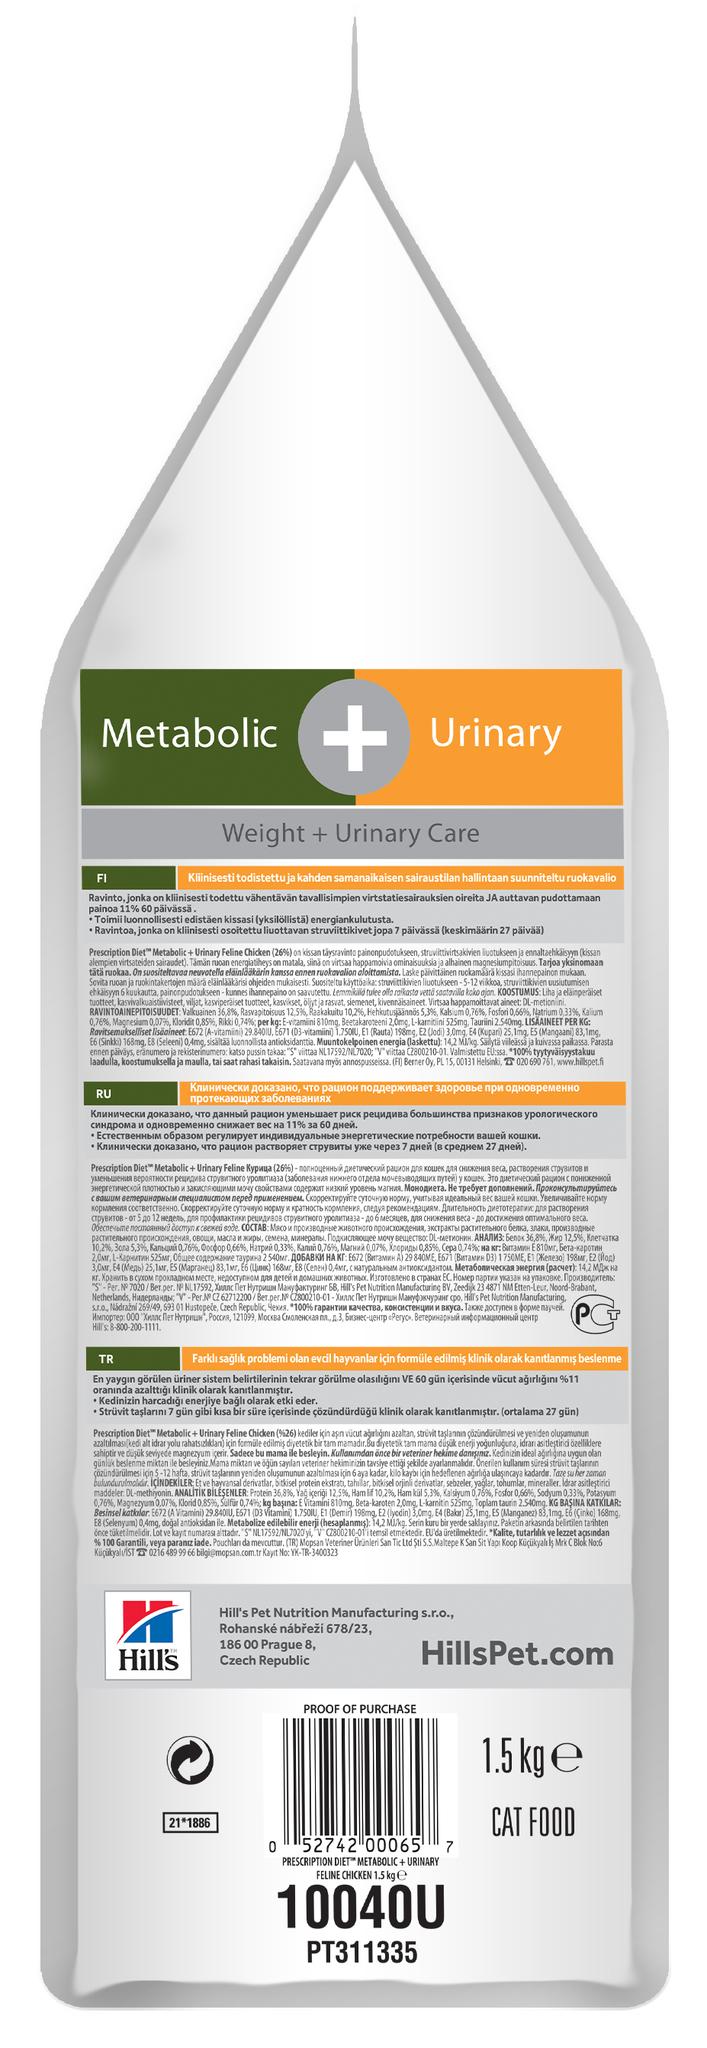 купить хиллс Hill's™ Prescription Diet™ Feline Metabolic + Urinary Care сухой корм для взрослых кошек, диетический рацион для коррекции веса + урология